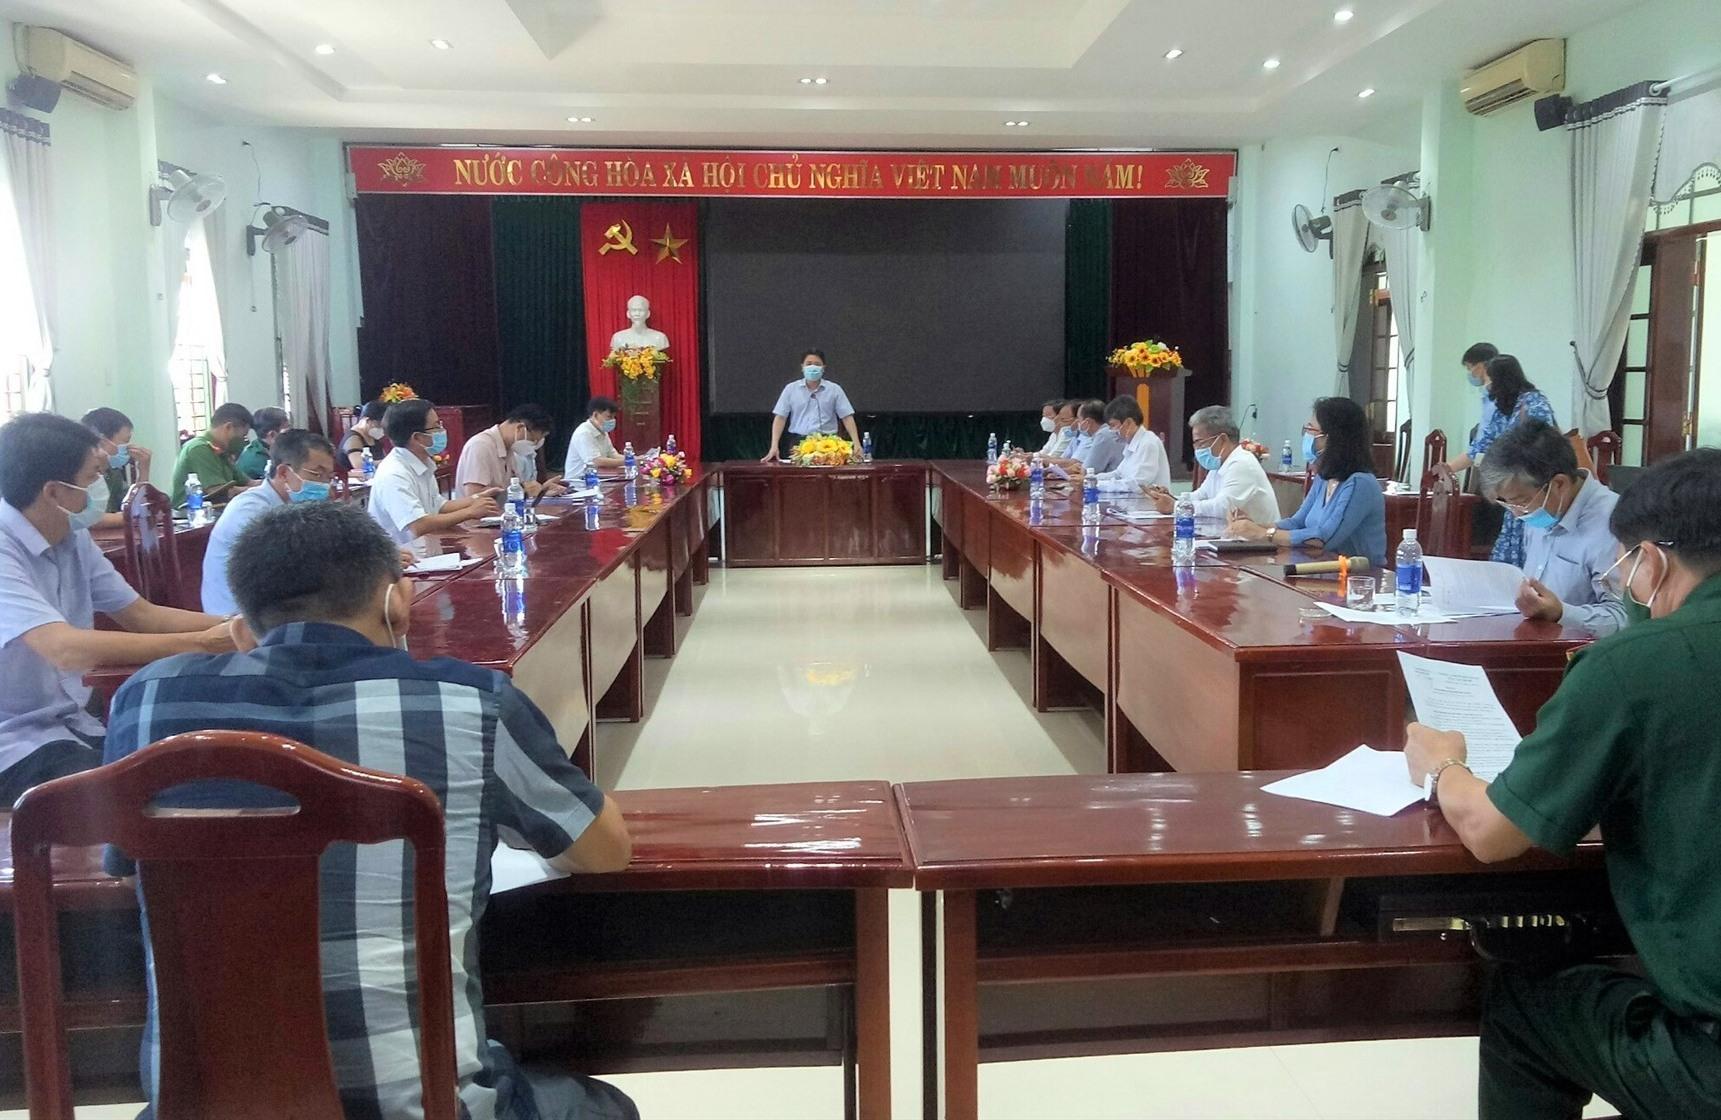 Phó Chủ tịch UBND tỉnh Trần Văn Tân phát biểu tại buổi làm việc với huyện Hiệp Đức. Ảnh: V.A